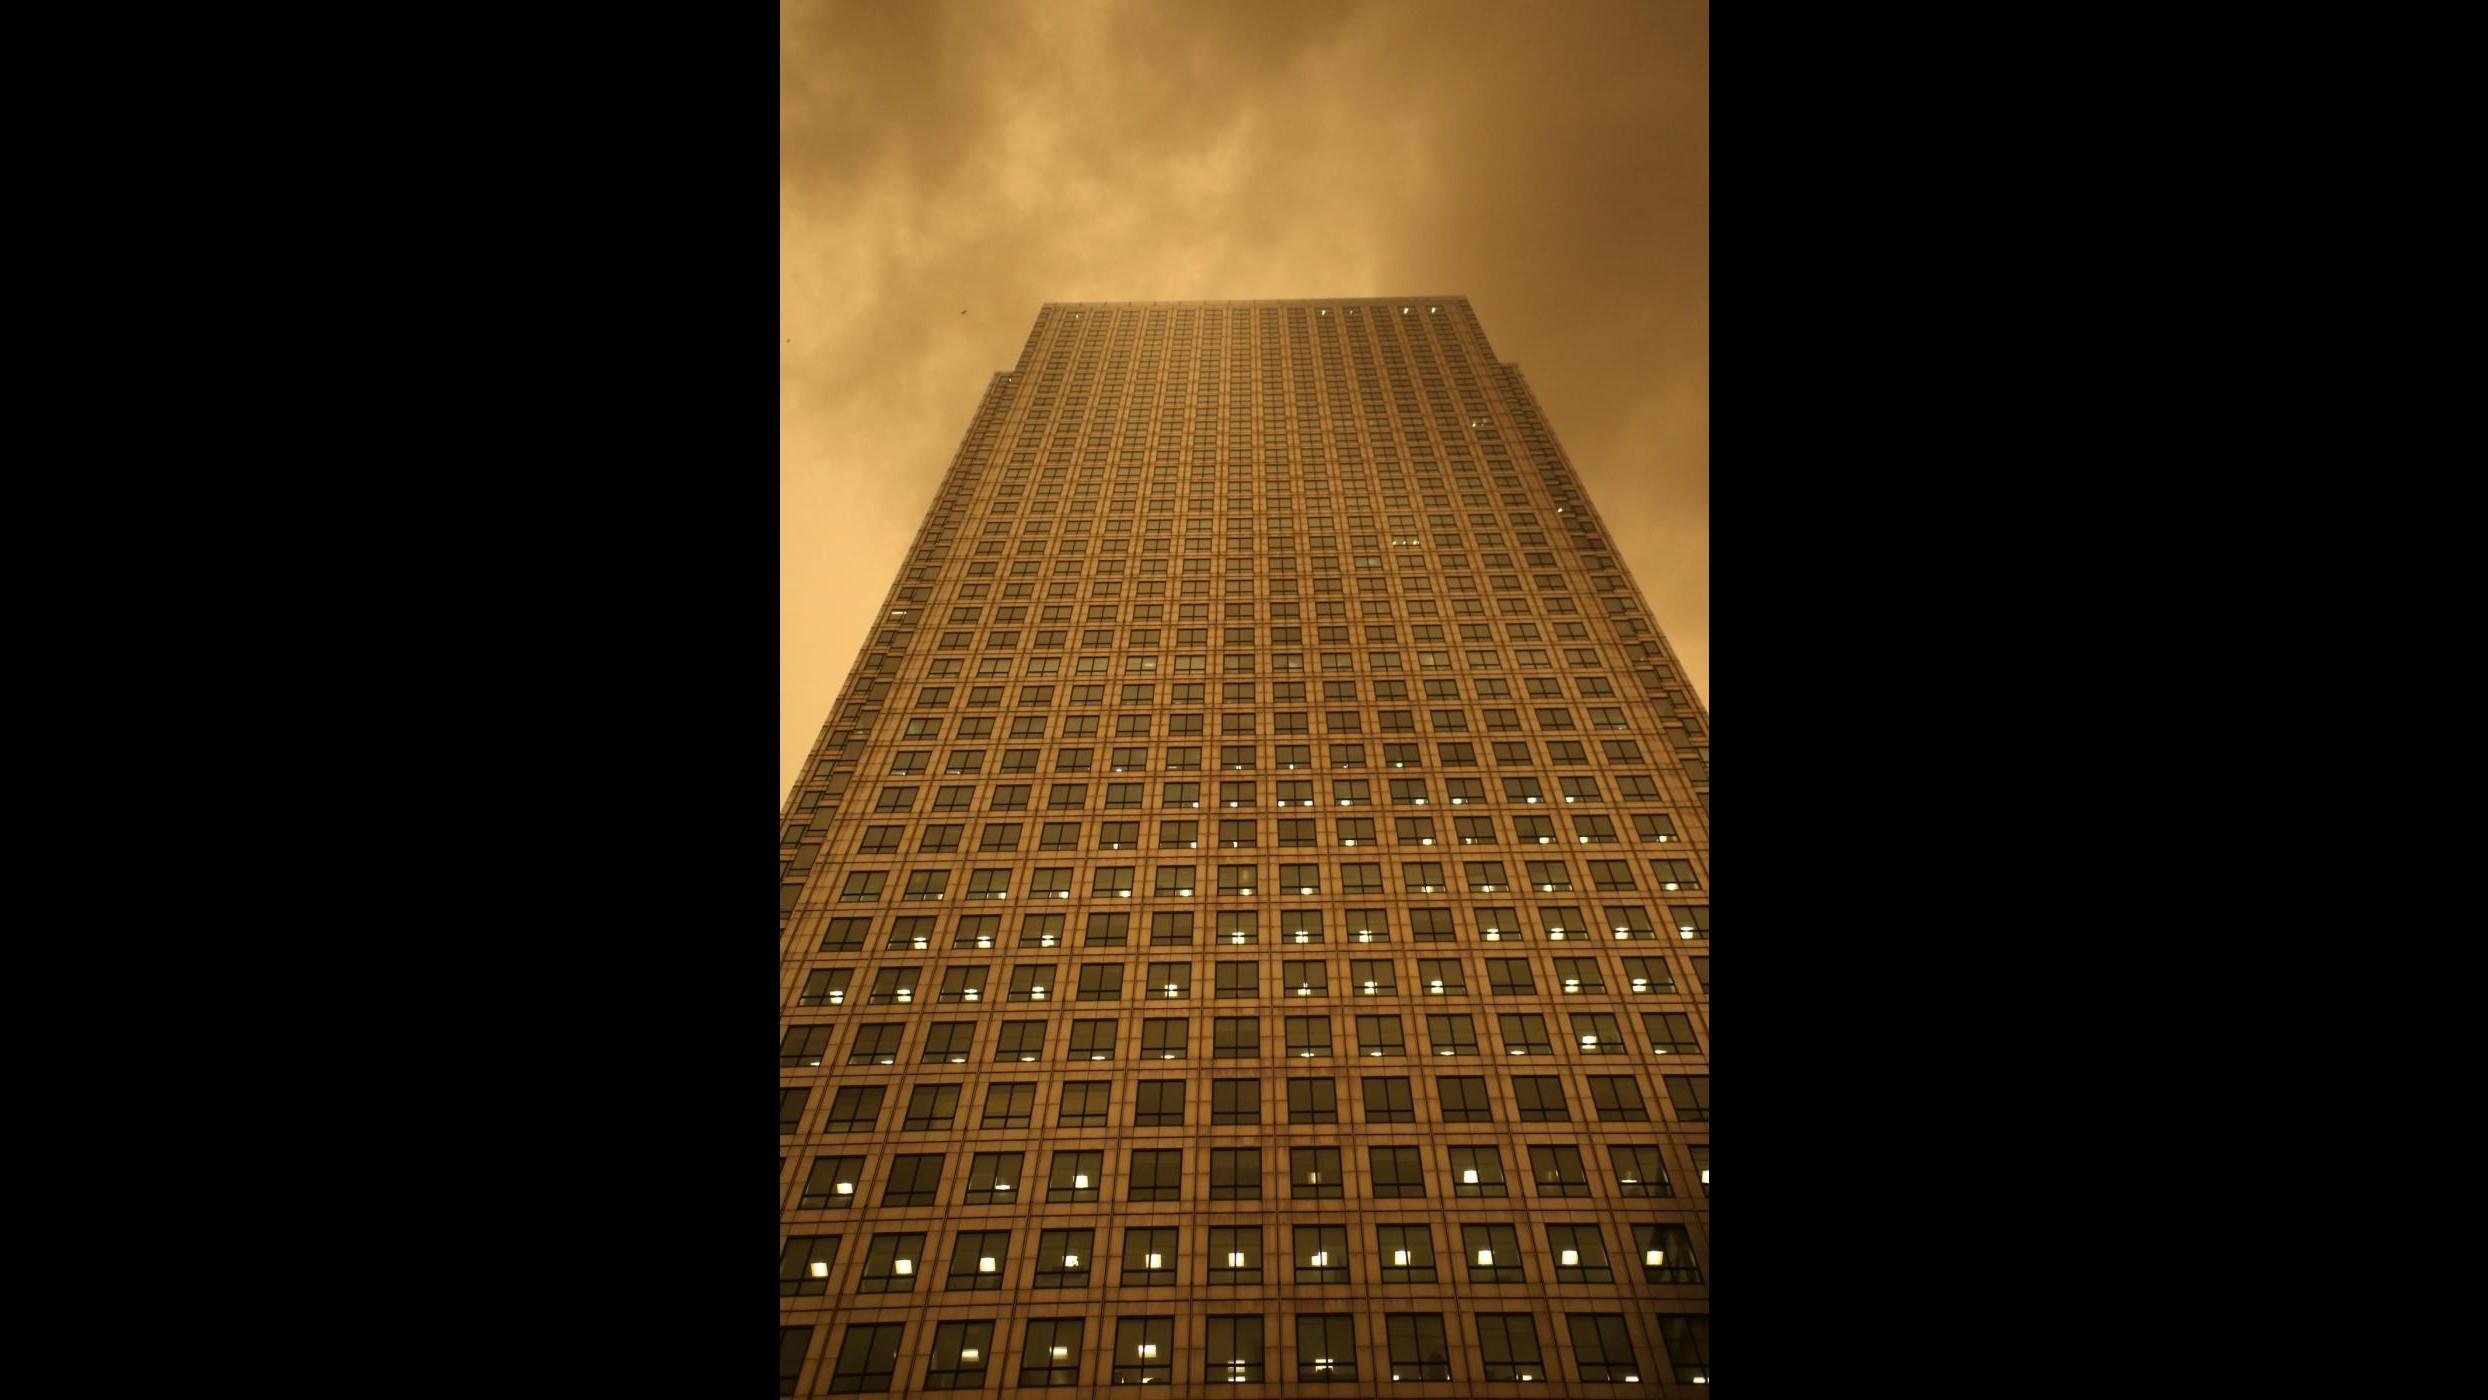 Londra come Blade Runner: passa Ophelia e il cielo diventa rosso